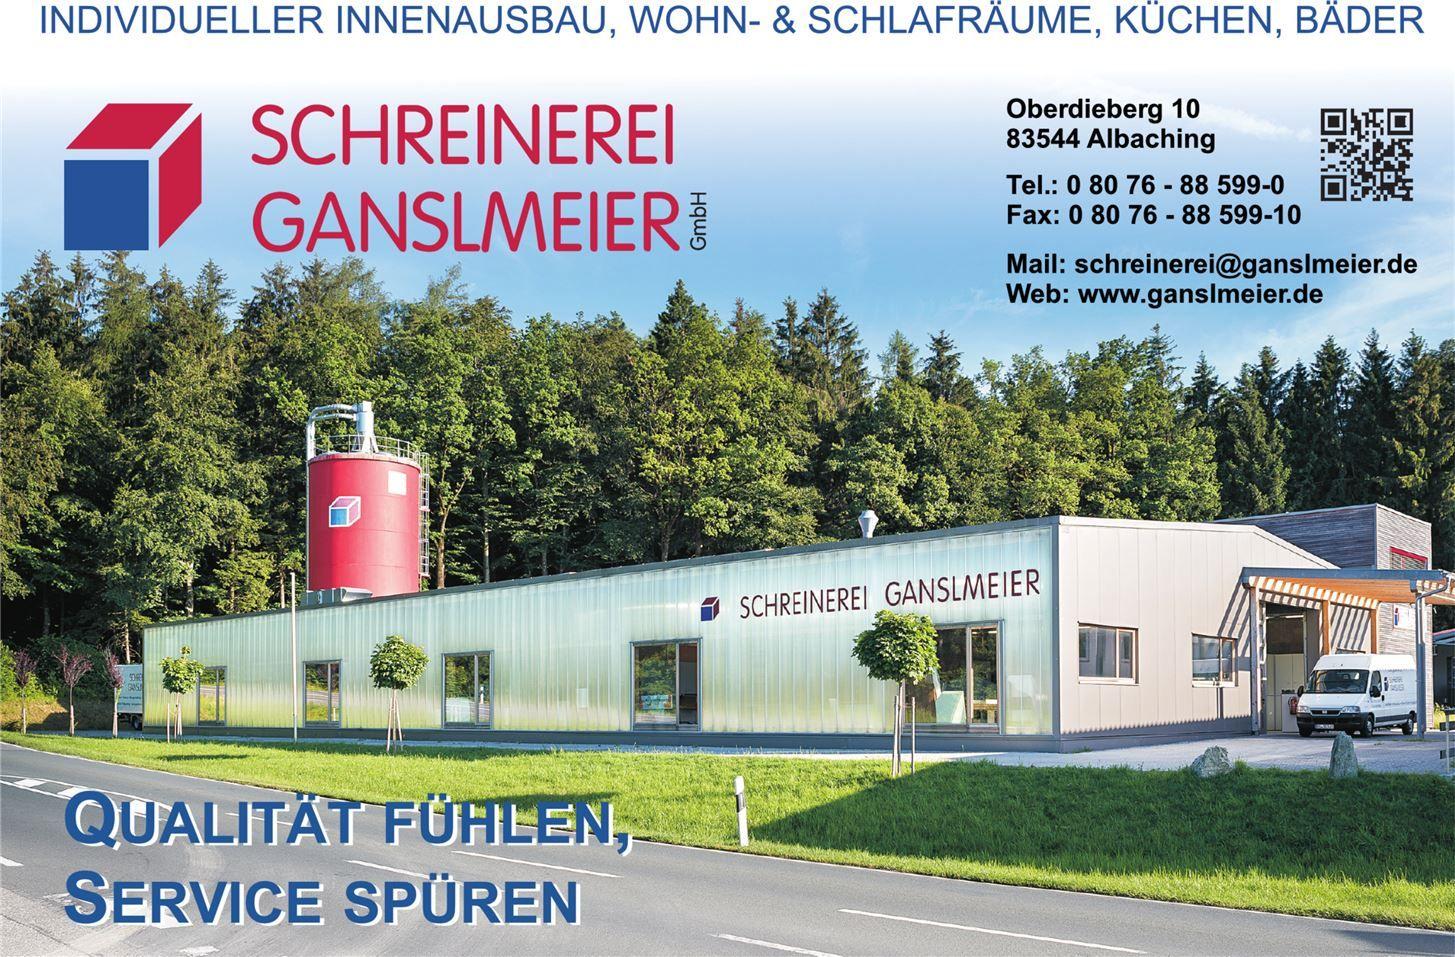 Schön Wählen Sie Küche Und Bad Virginia Galerie - Küche Set Ideen ...